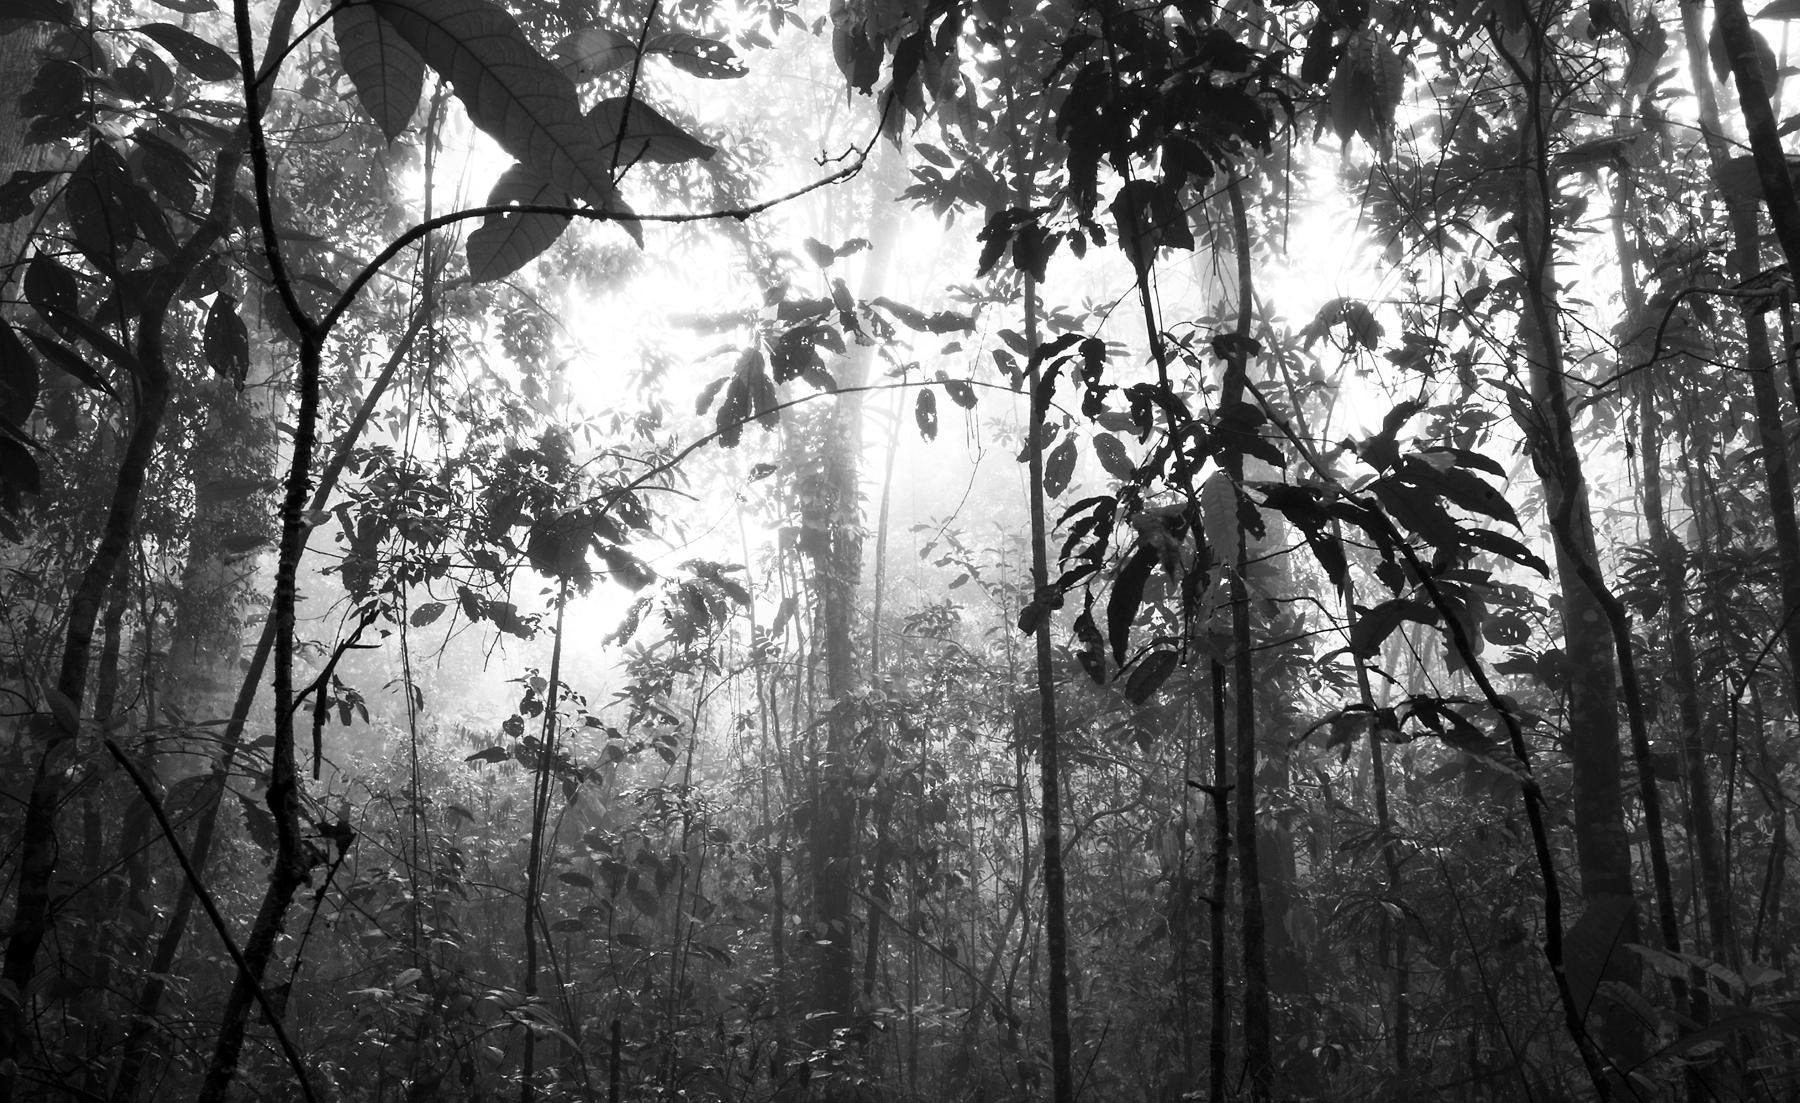 3) misty-forest-3-copy.jpg